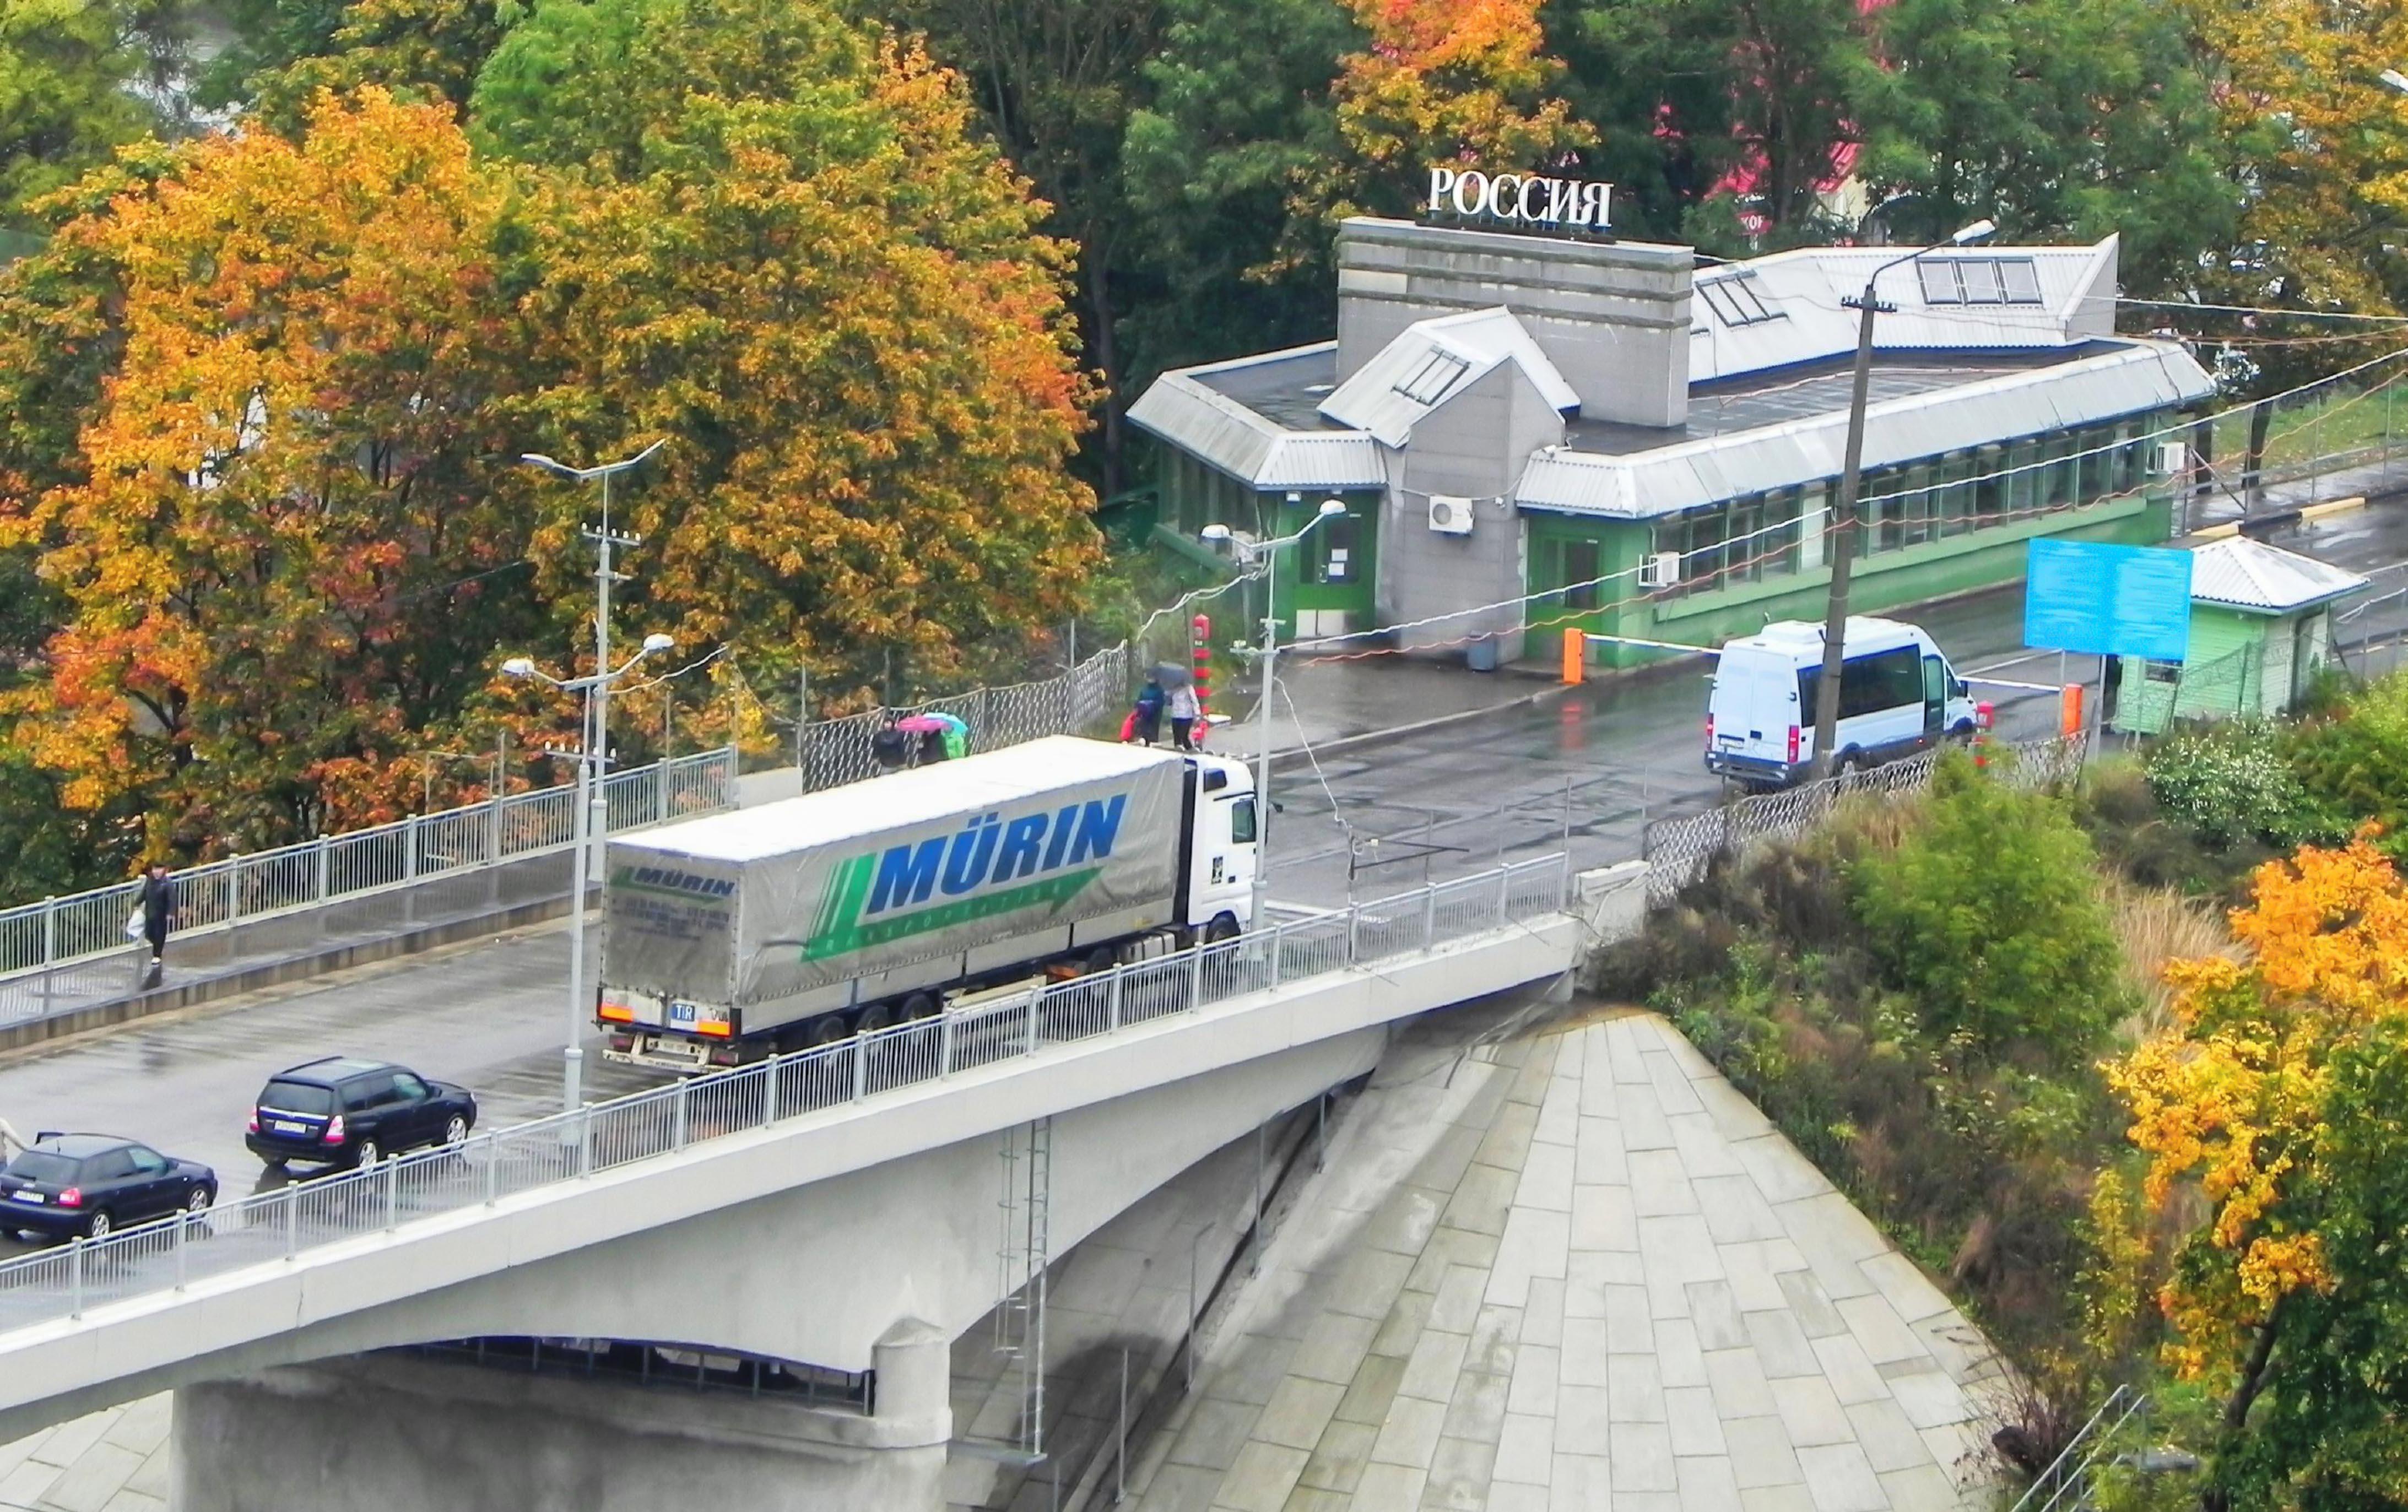 Estland , Narwa, Grenzübergang zu Russland